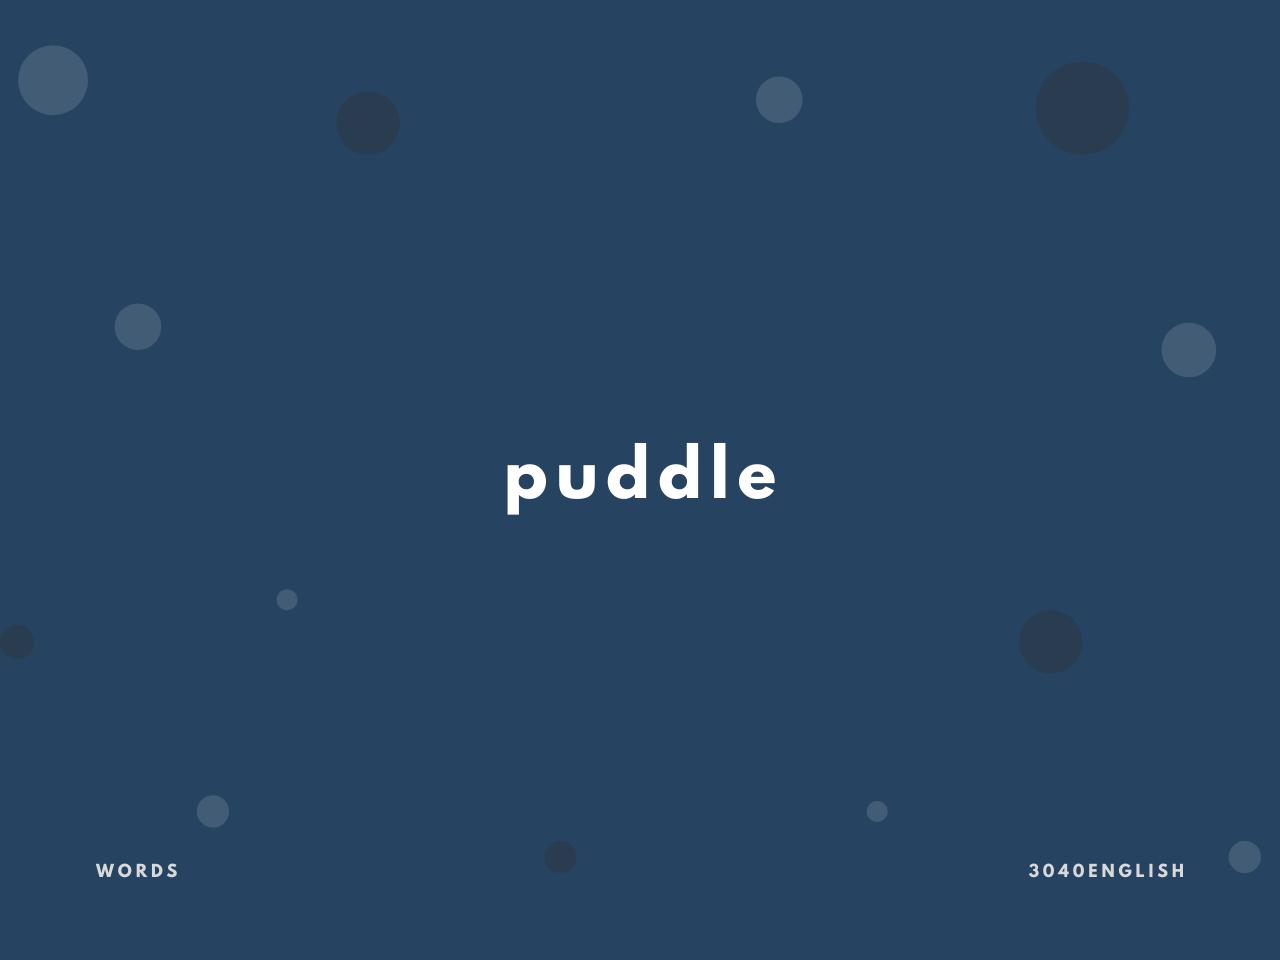 puddle の意味と簡単な使い方【音読用例文あり】